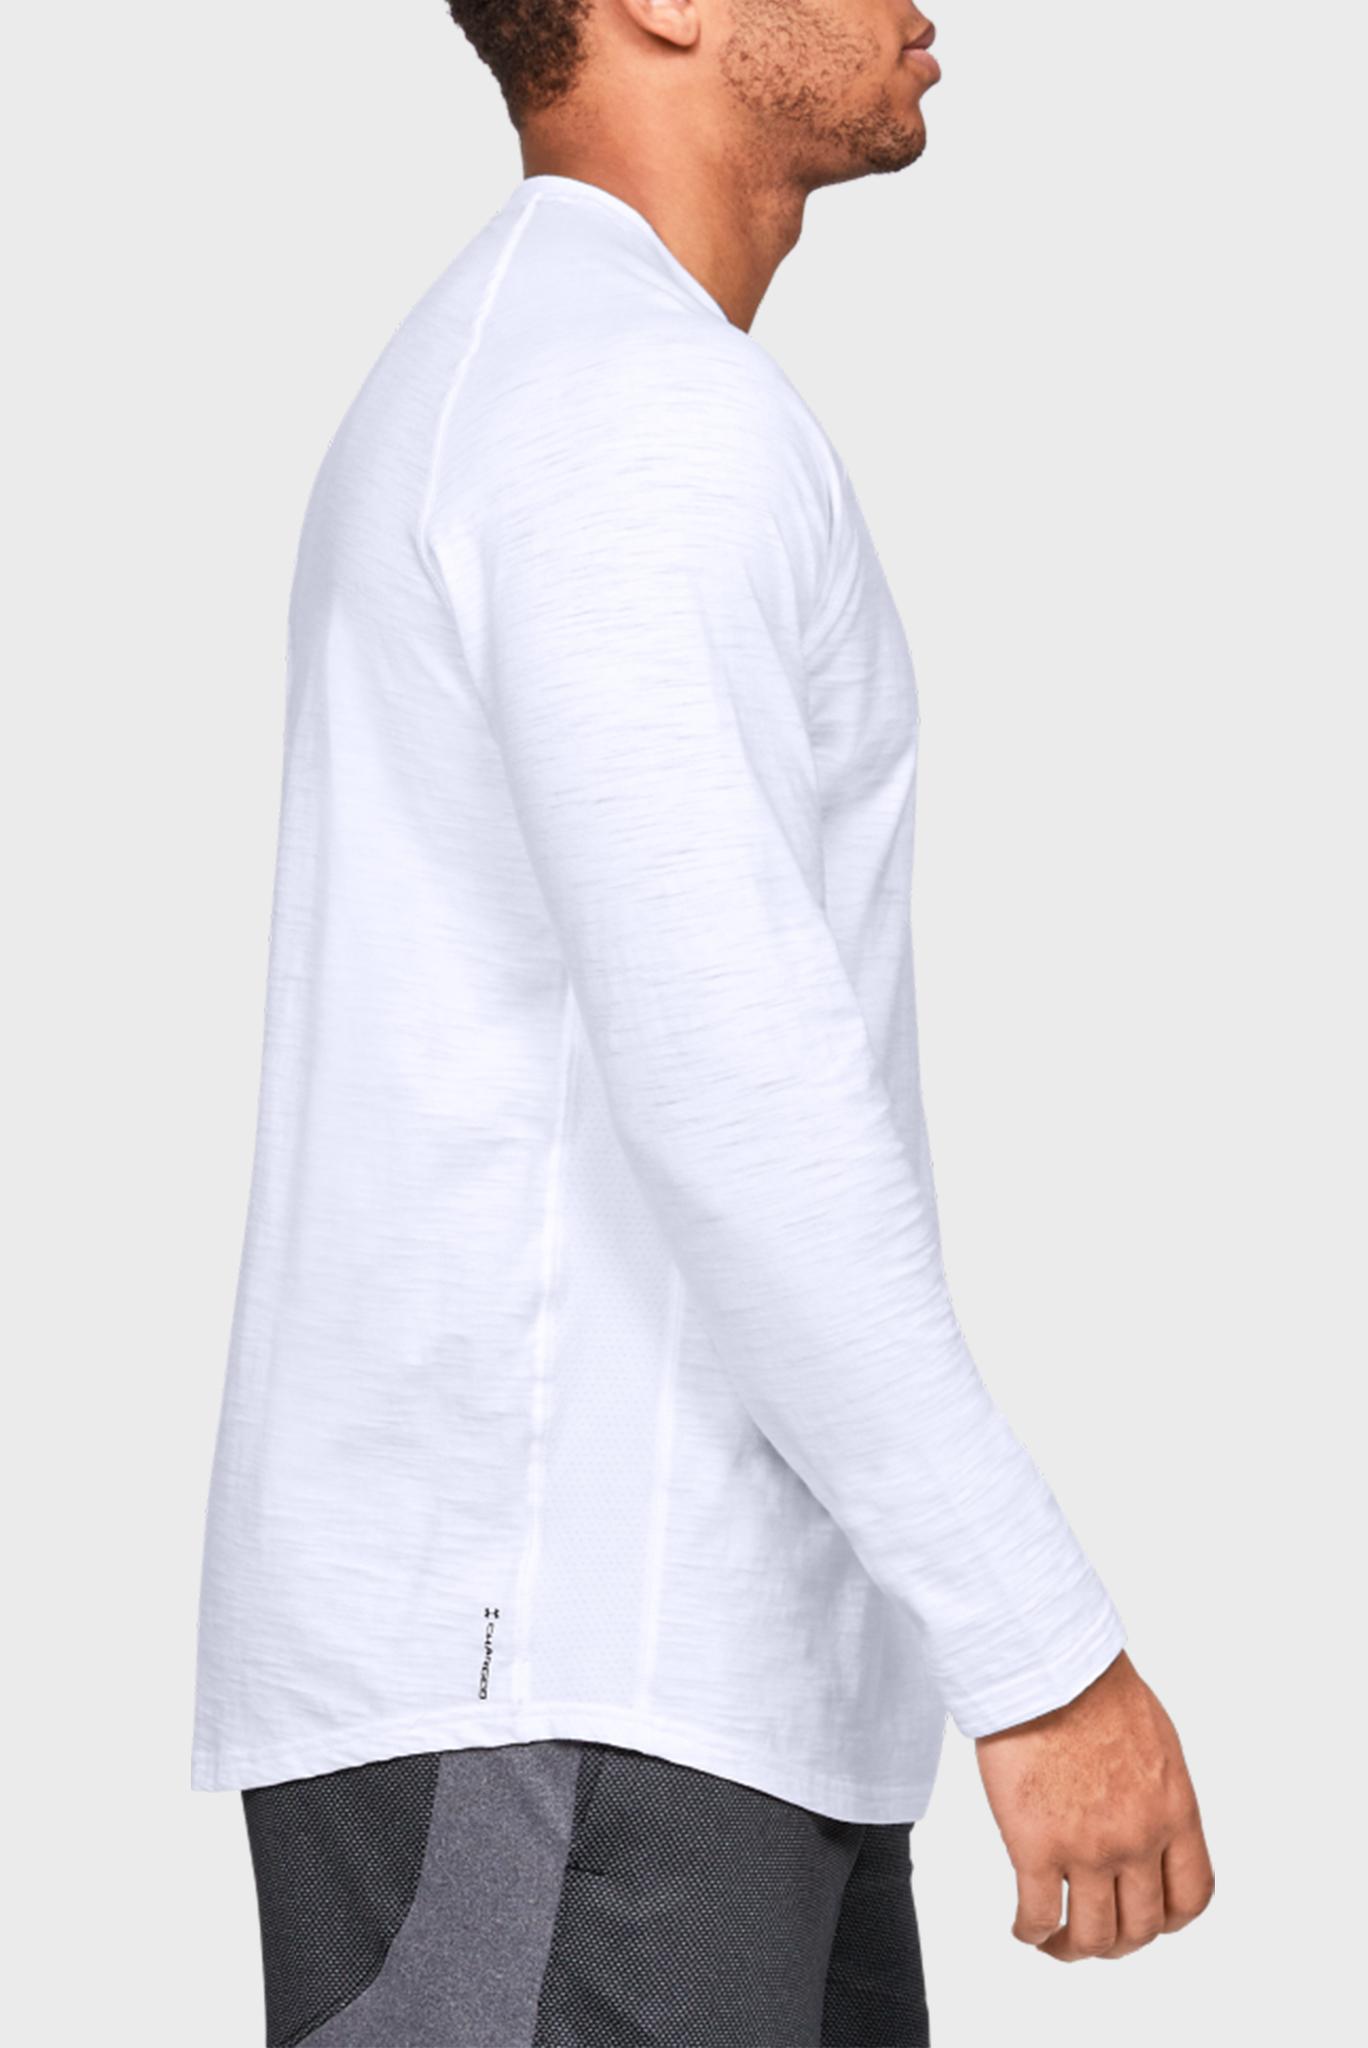 Мужской белый спортивный лонгслив Charged Cotton LS Under Armour